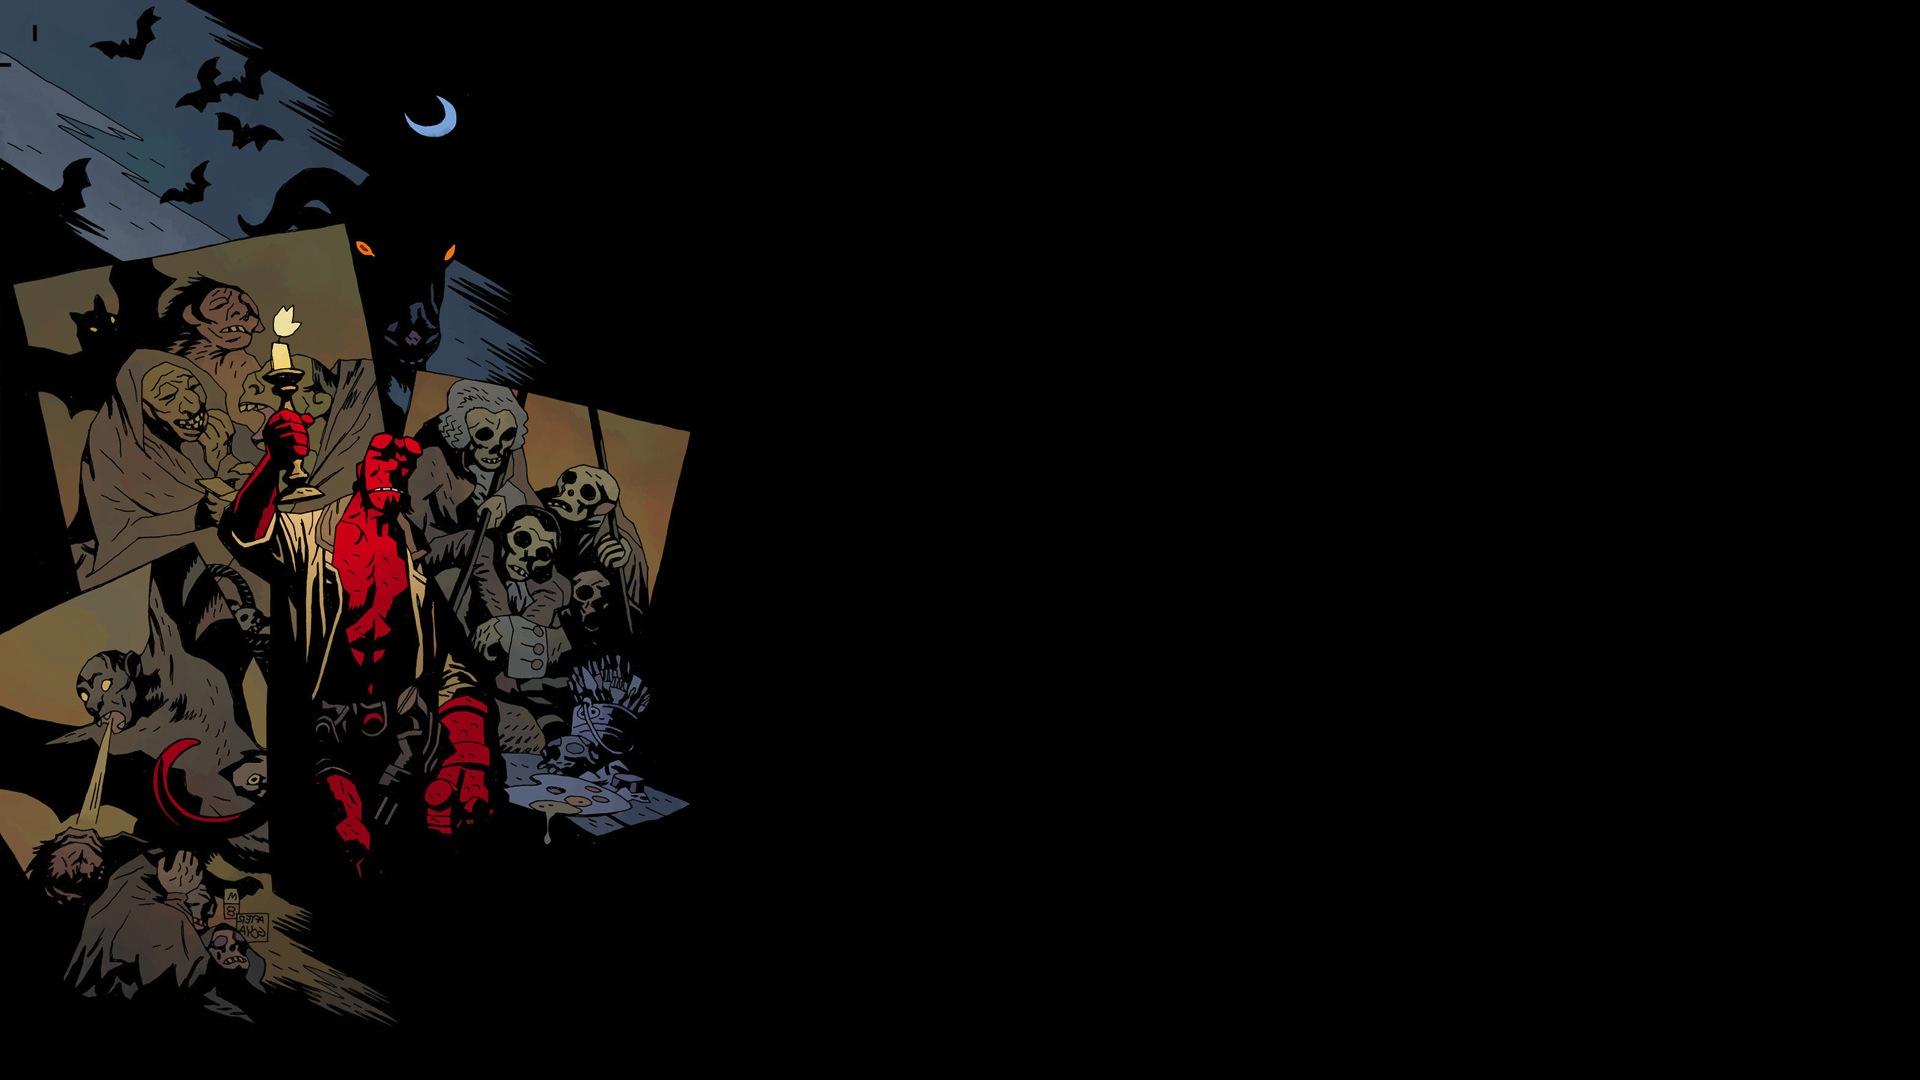 Hellboy Computer Wallpapers Desktop Backgrounds 1920x1080 ID 1920x1080